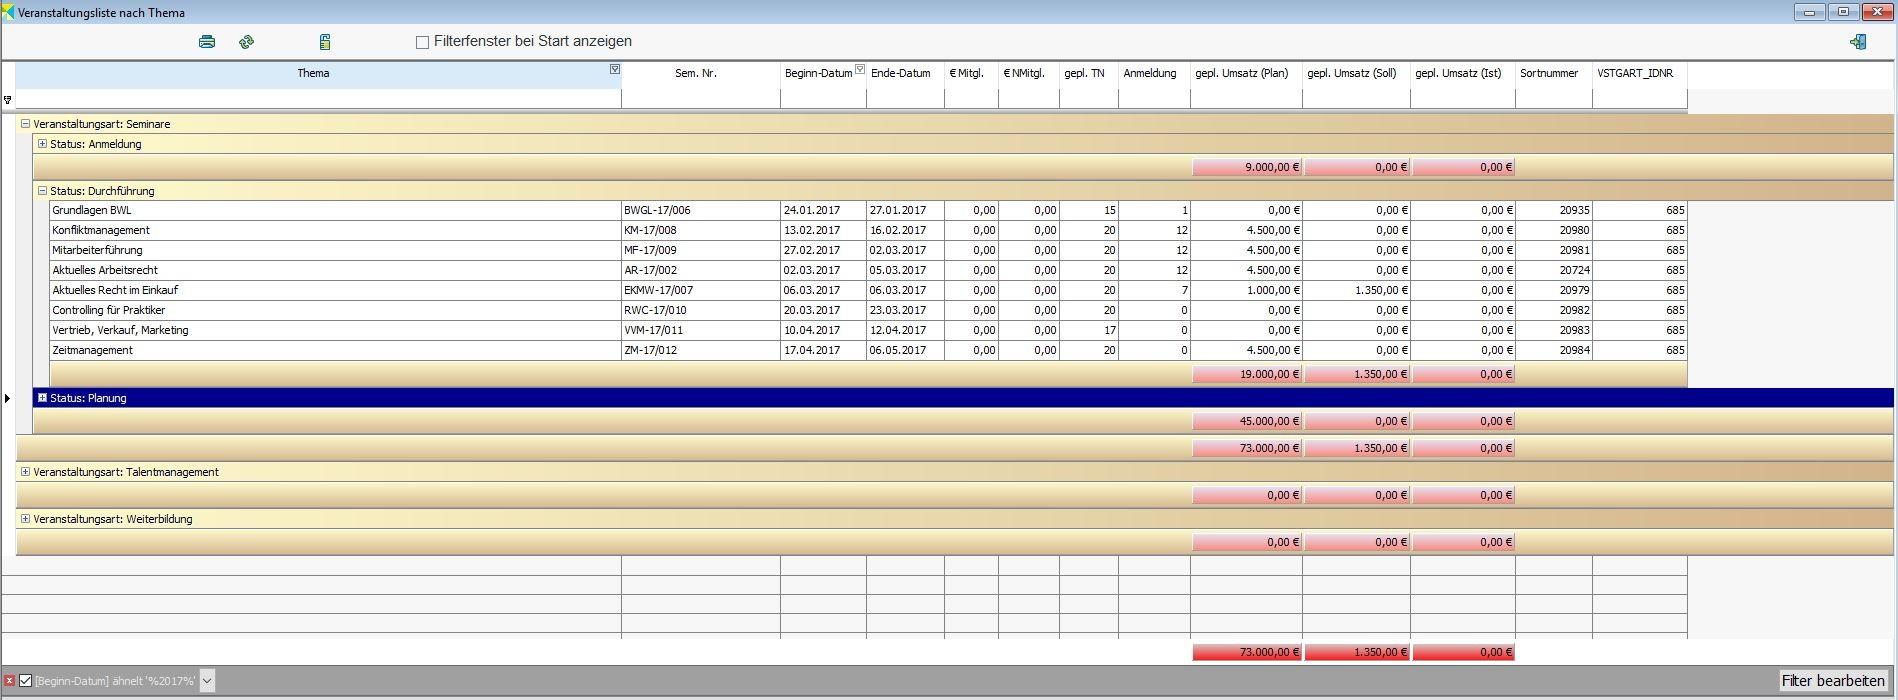 ANTRAGO variable Liste: Veranstaltungen